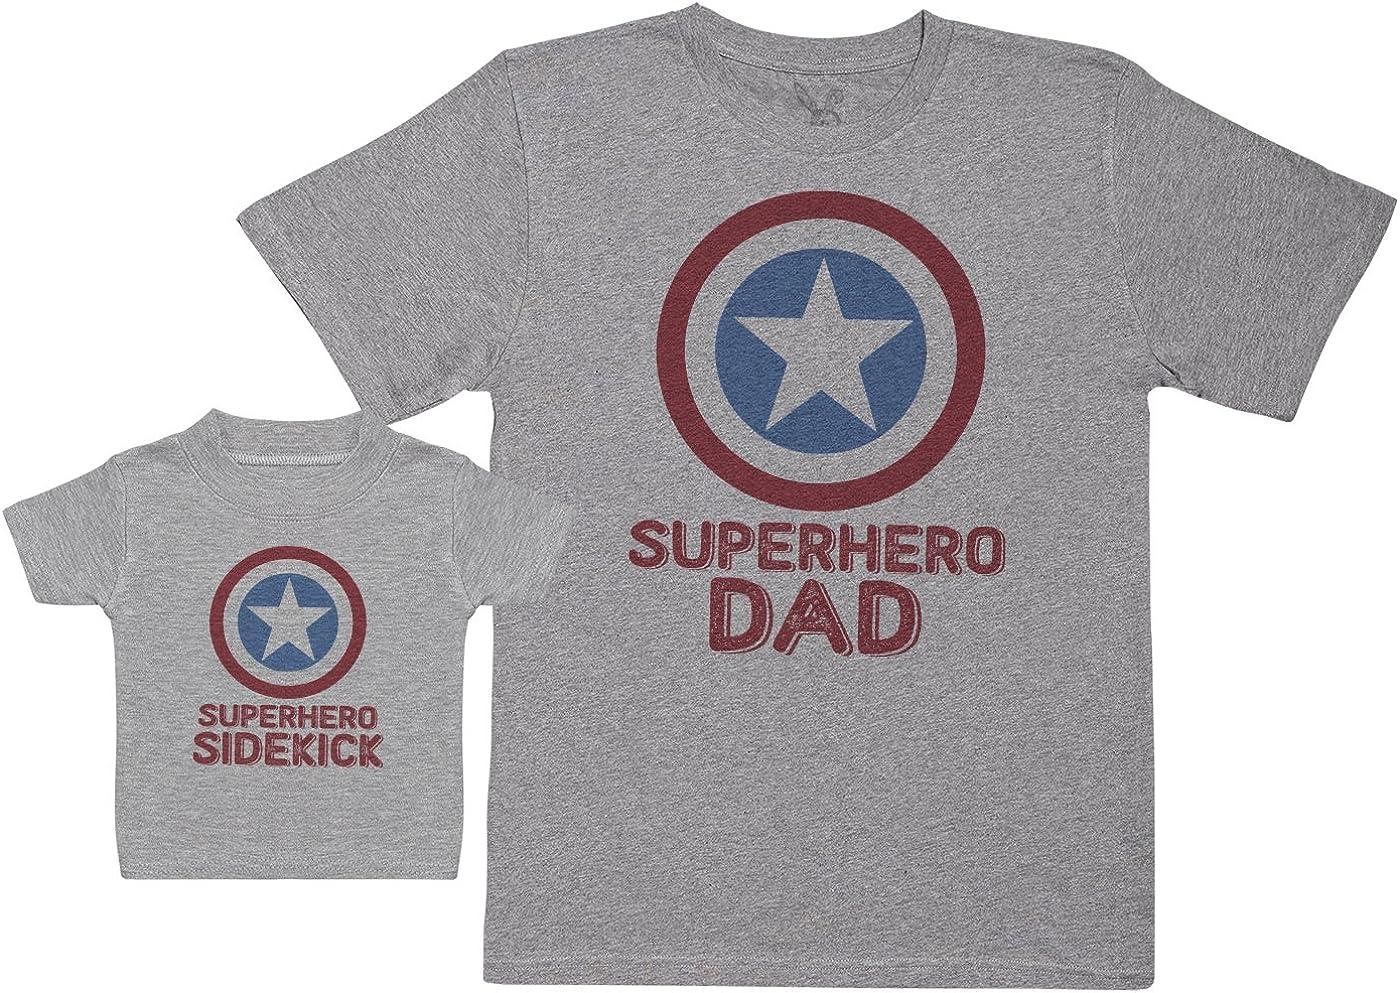 Baby Bunny Superhero Sidekick - Regalo para Padres y bebés en un Camiseta para bebés y una Camiseta de Hombre a Juego